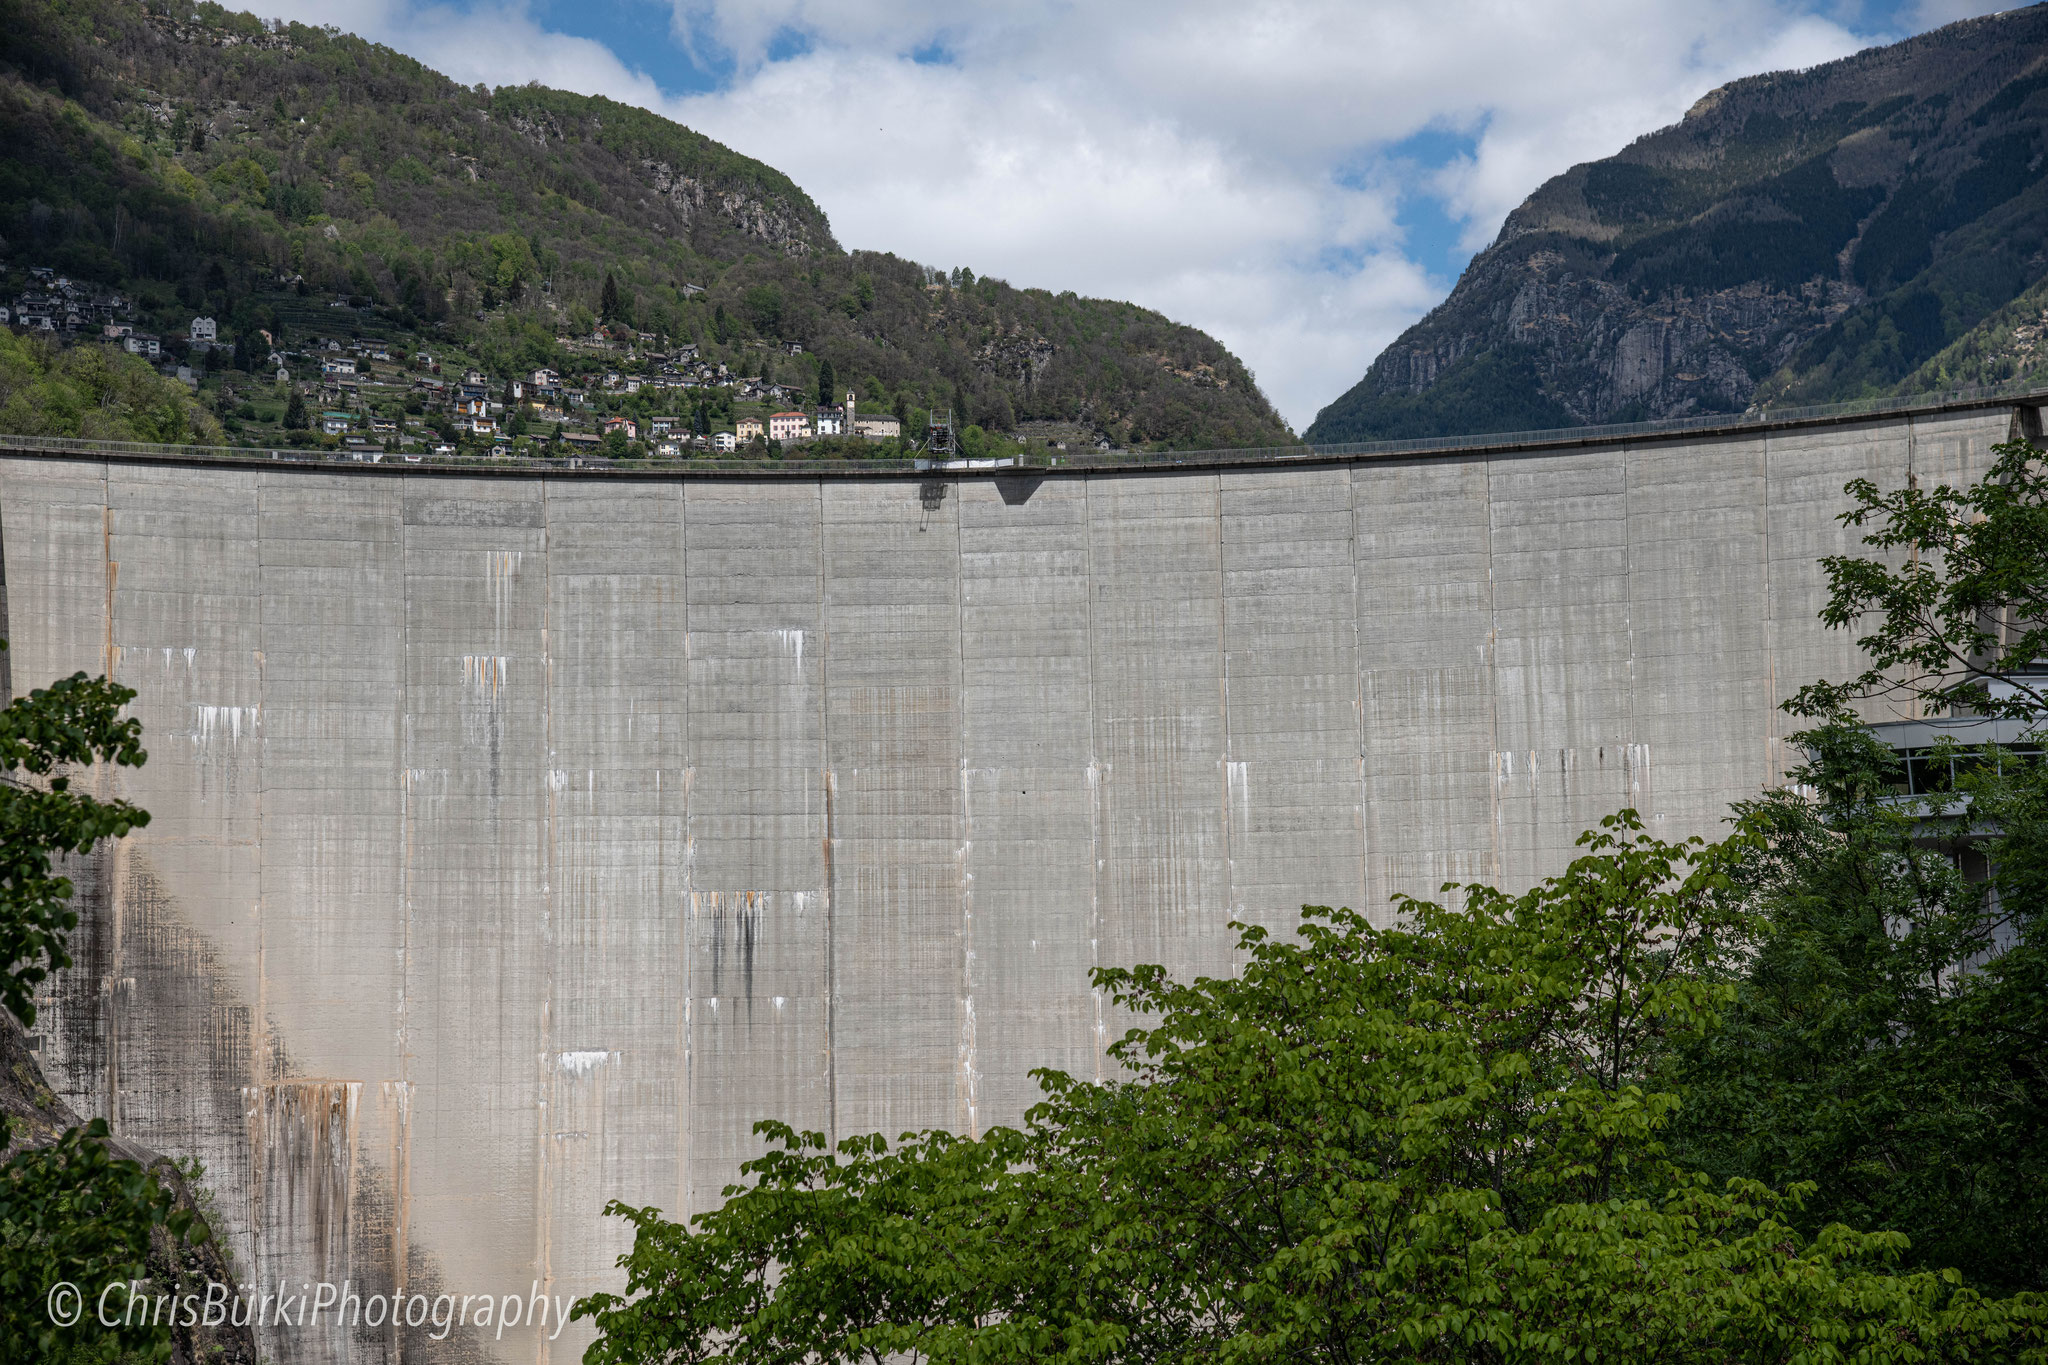 zur Produktion von Wasserenergie